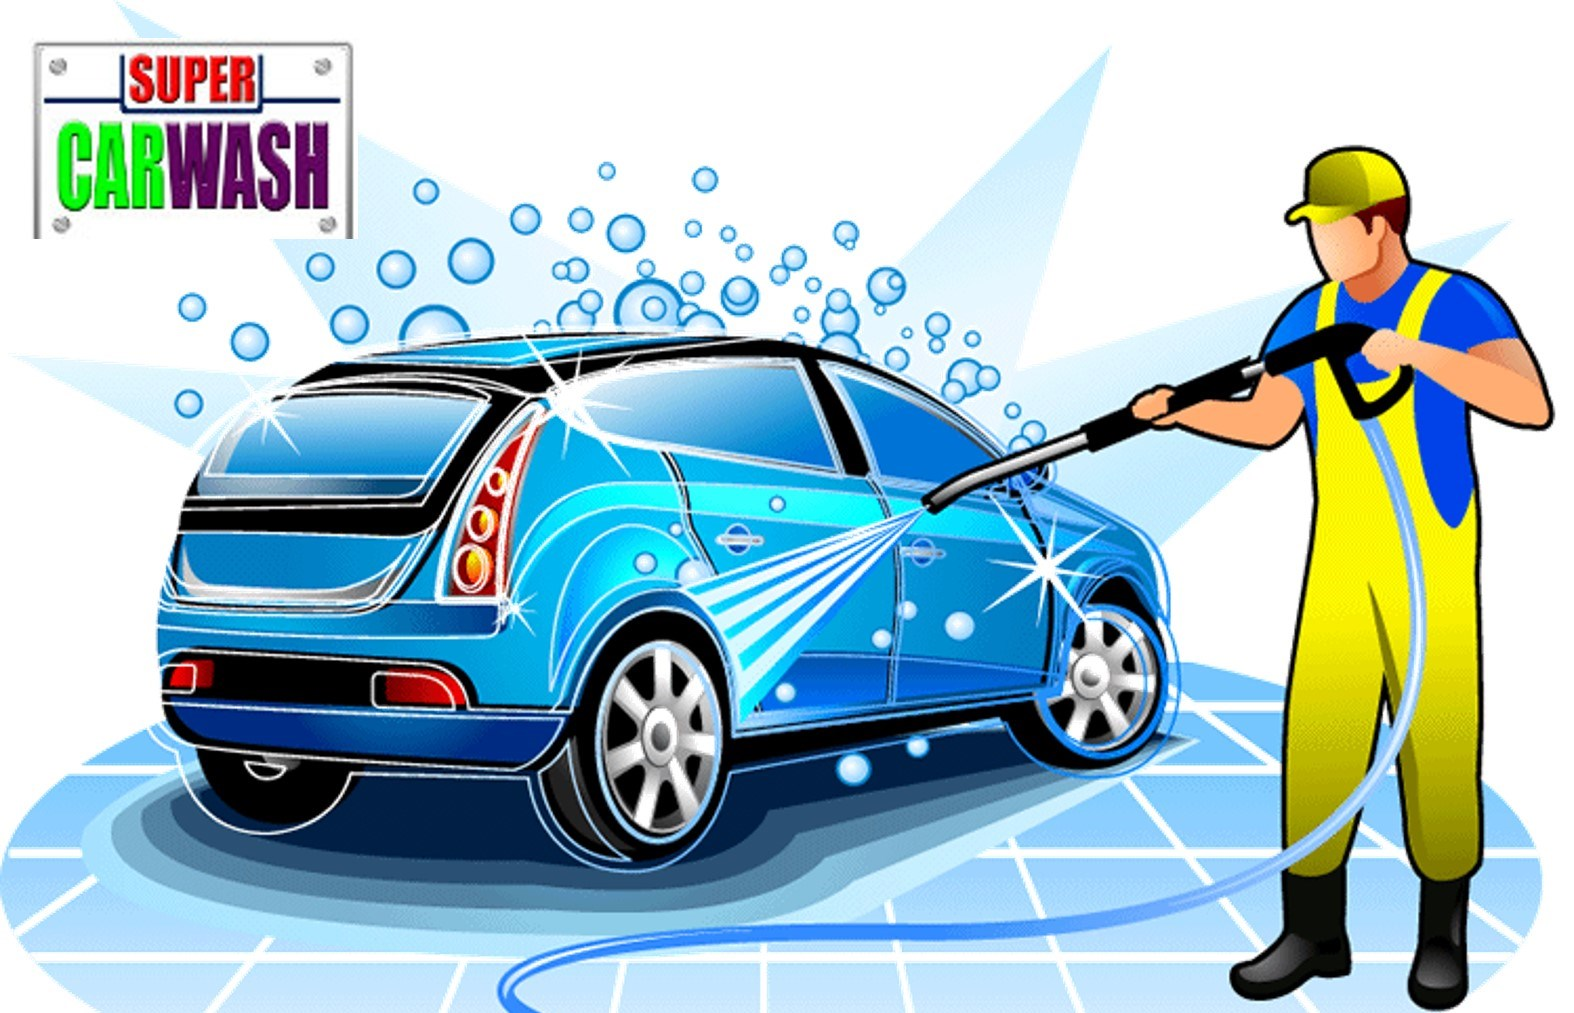 4,90€ απο 10€ για πλυσιμο Αυτοκινητου (μεσα-εξω) & Υγρο Κερωμα, στο Υψηλης τεχνολογιας πλυντηριο αυτοκινητων »Super Car Wash» στα Βριλησσια (διπλα στα Alouette)